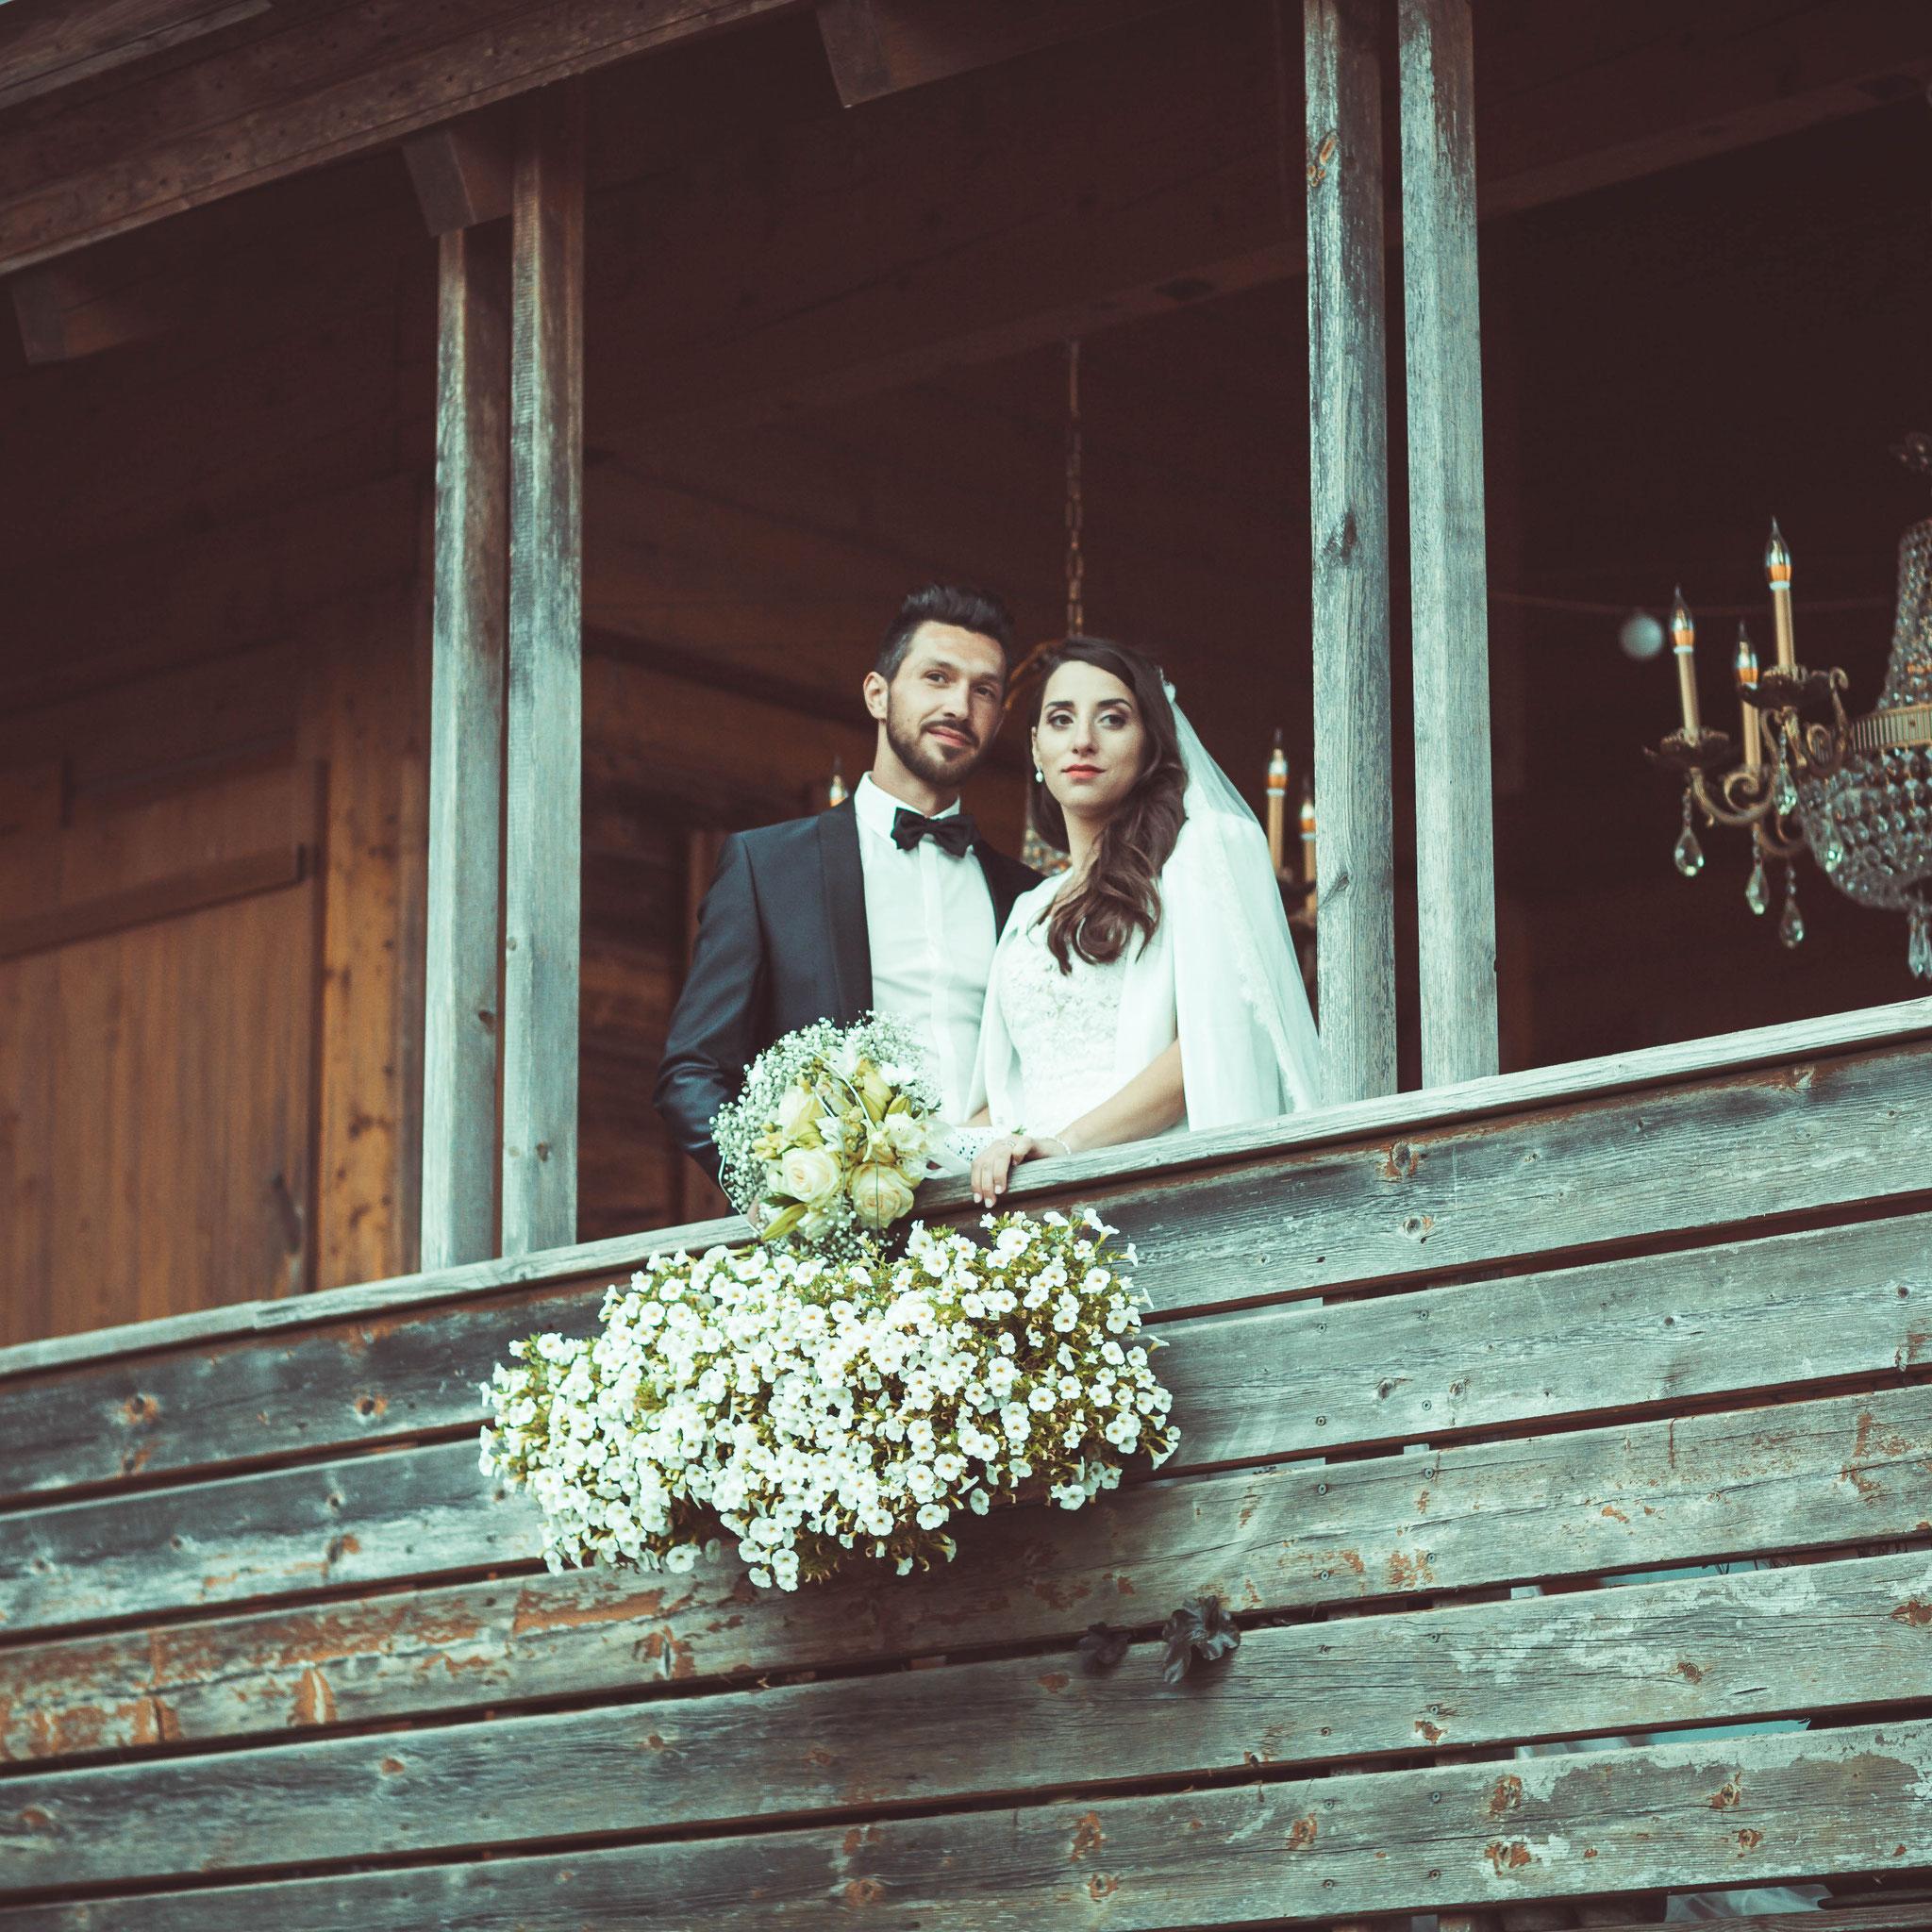 Kameramann für moderne russische Hochzeit in Bad Brückenau